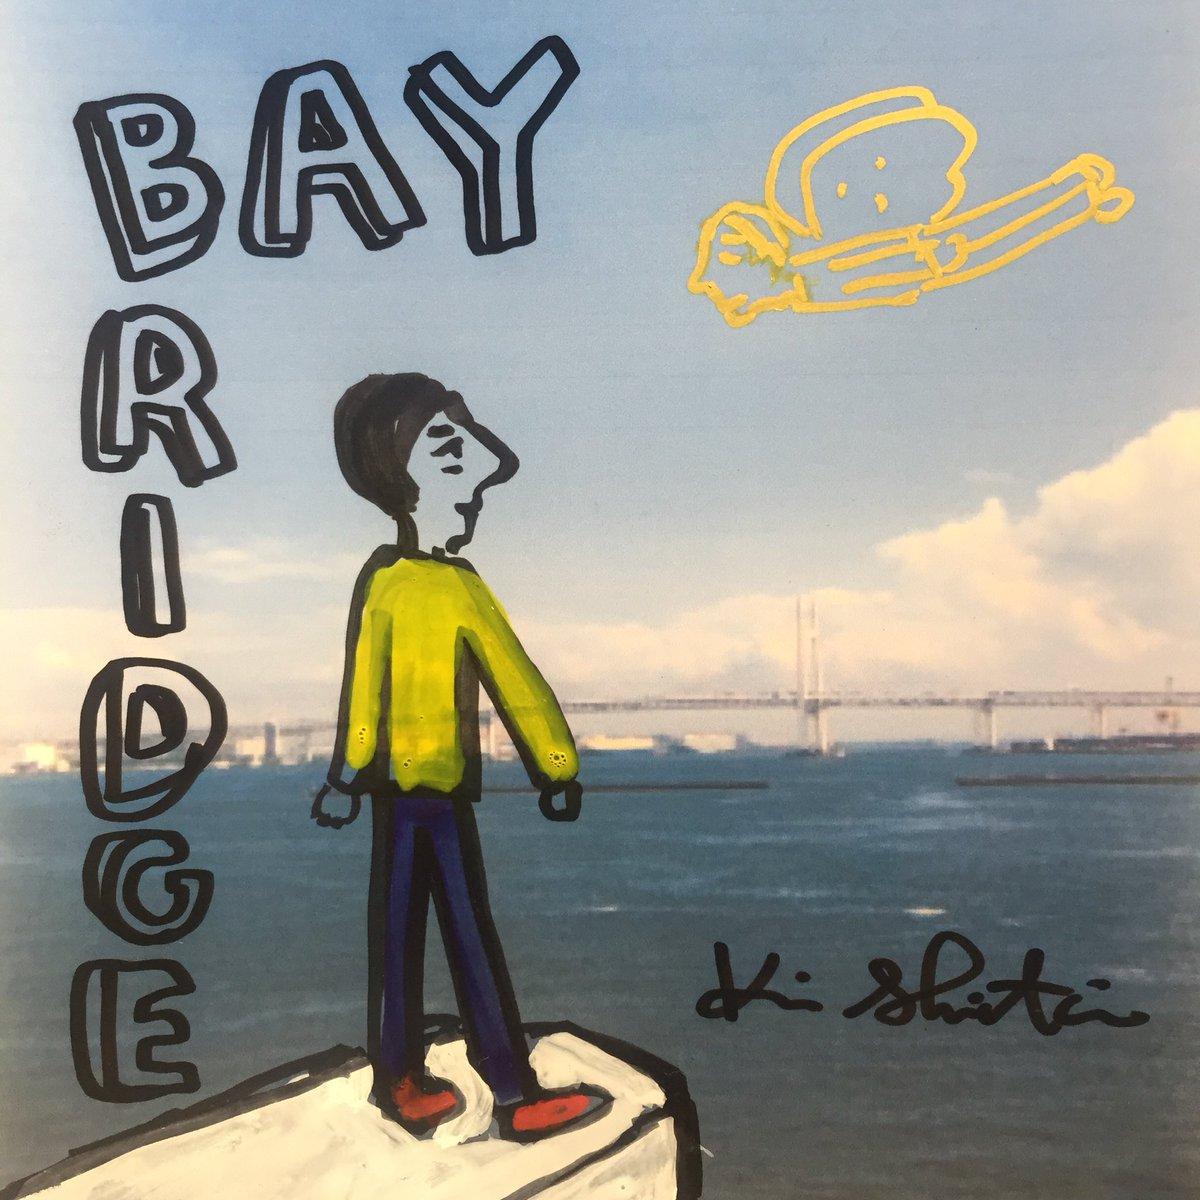 キン・シオタニ 展覧会 『旅先にて』こちらは「横浜ベイブリッジ」明日9/22(木)はtvkハウジングプラザ横浜でキンシオトークイベントが開催! https://t.co/7tww2xQt62